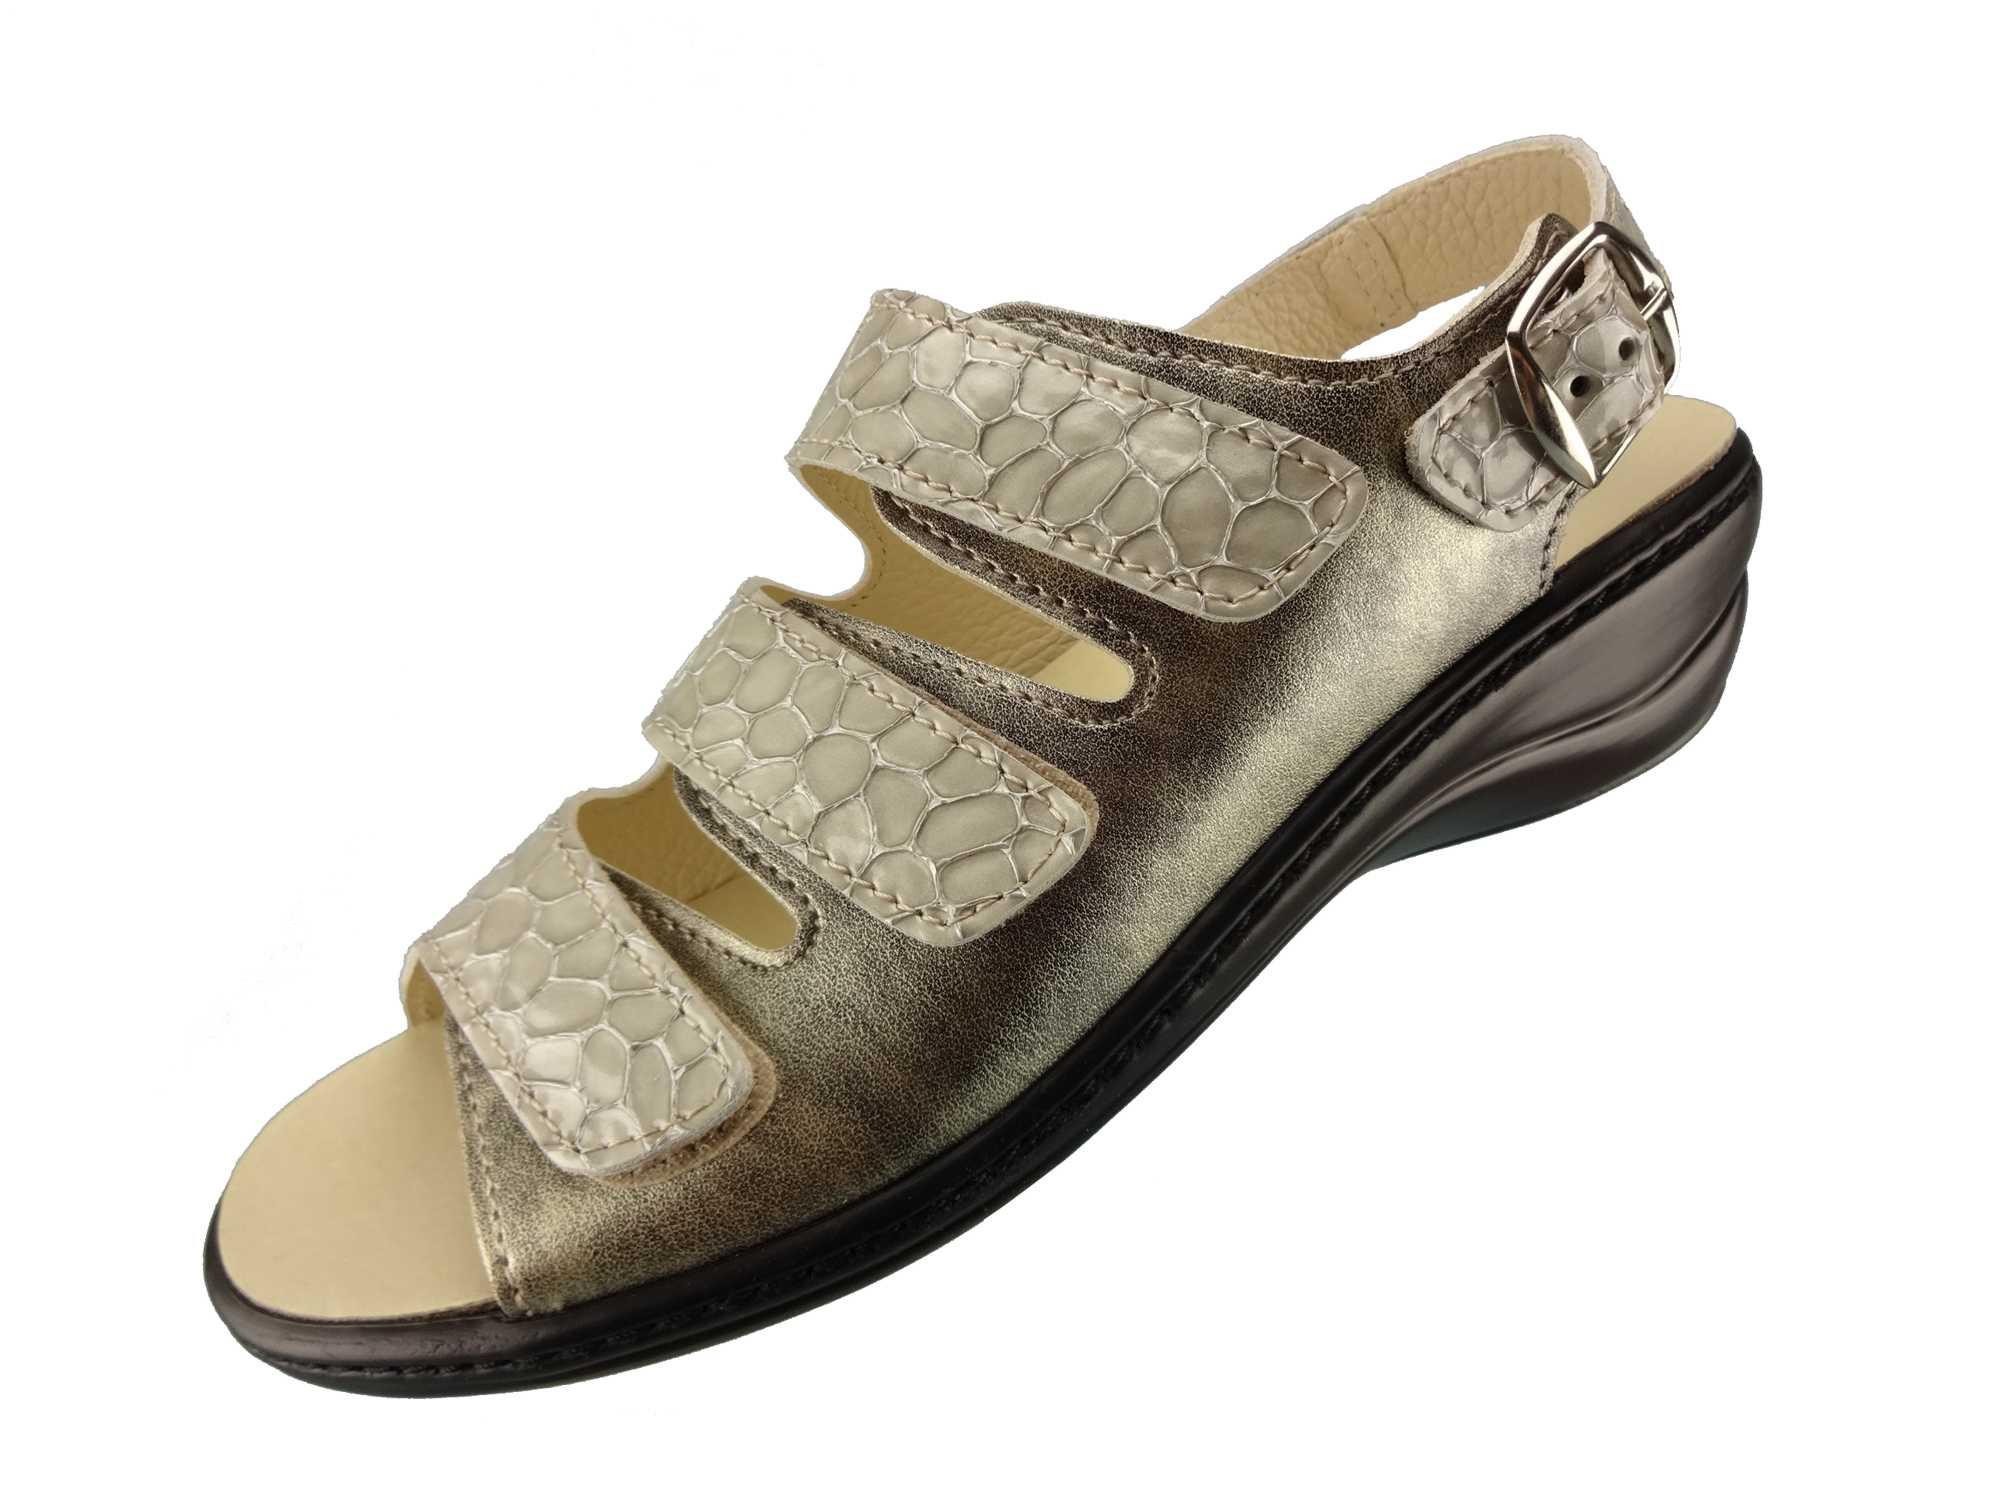 Algemare Damen Sandalette Kroko frozen Keilpantolette mit Algen-Kork Wechselfußbett Made in Germany 2317_2571 eleganter Freizeitschuh Fußbett Sandale